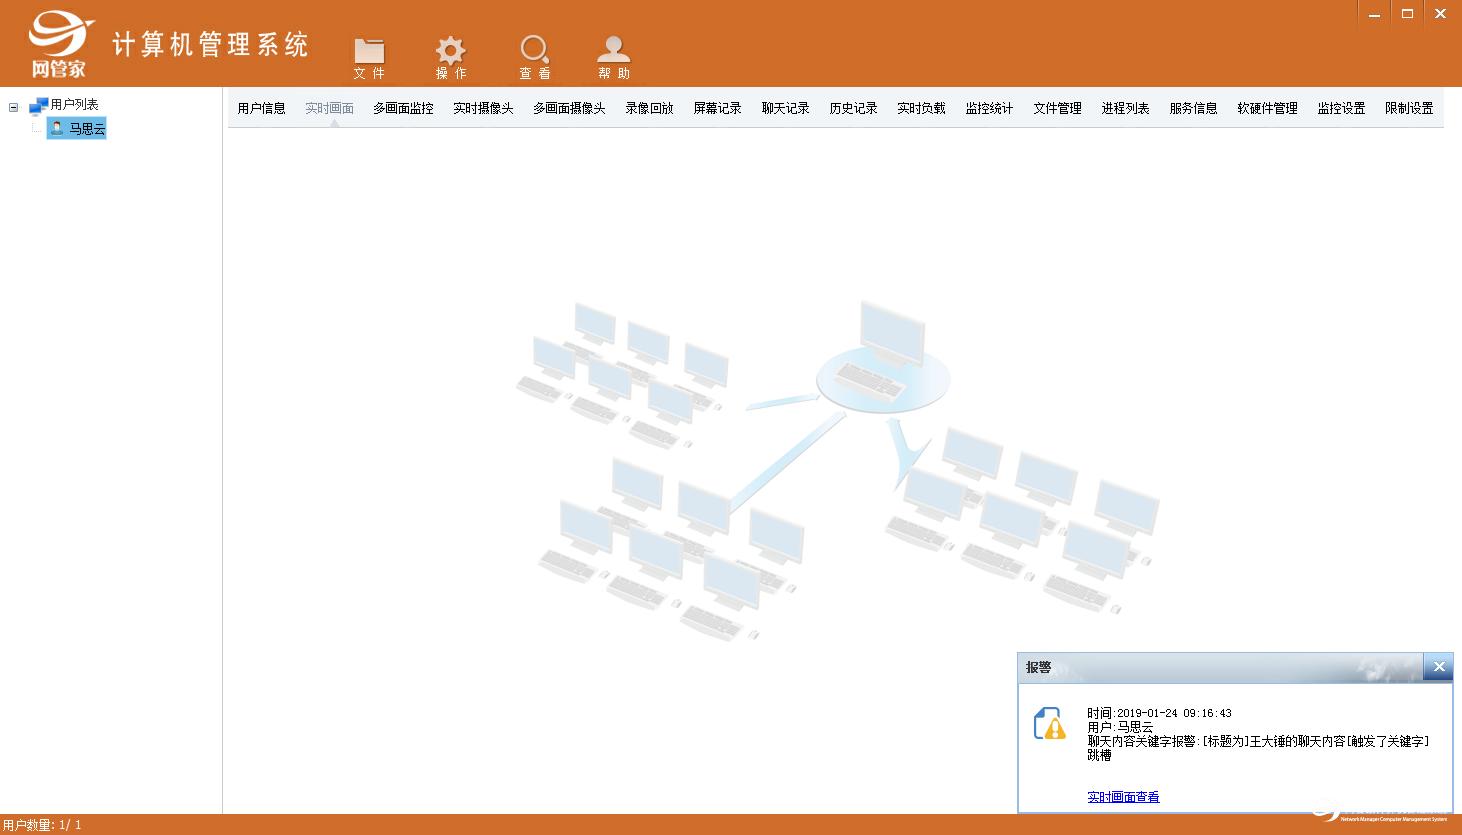 远程监控电脑软件—网管家远程控制系统